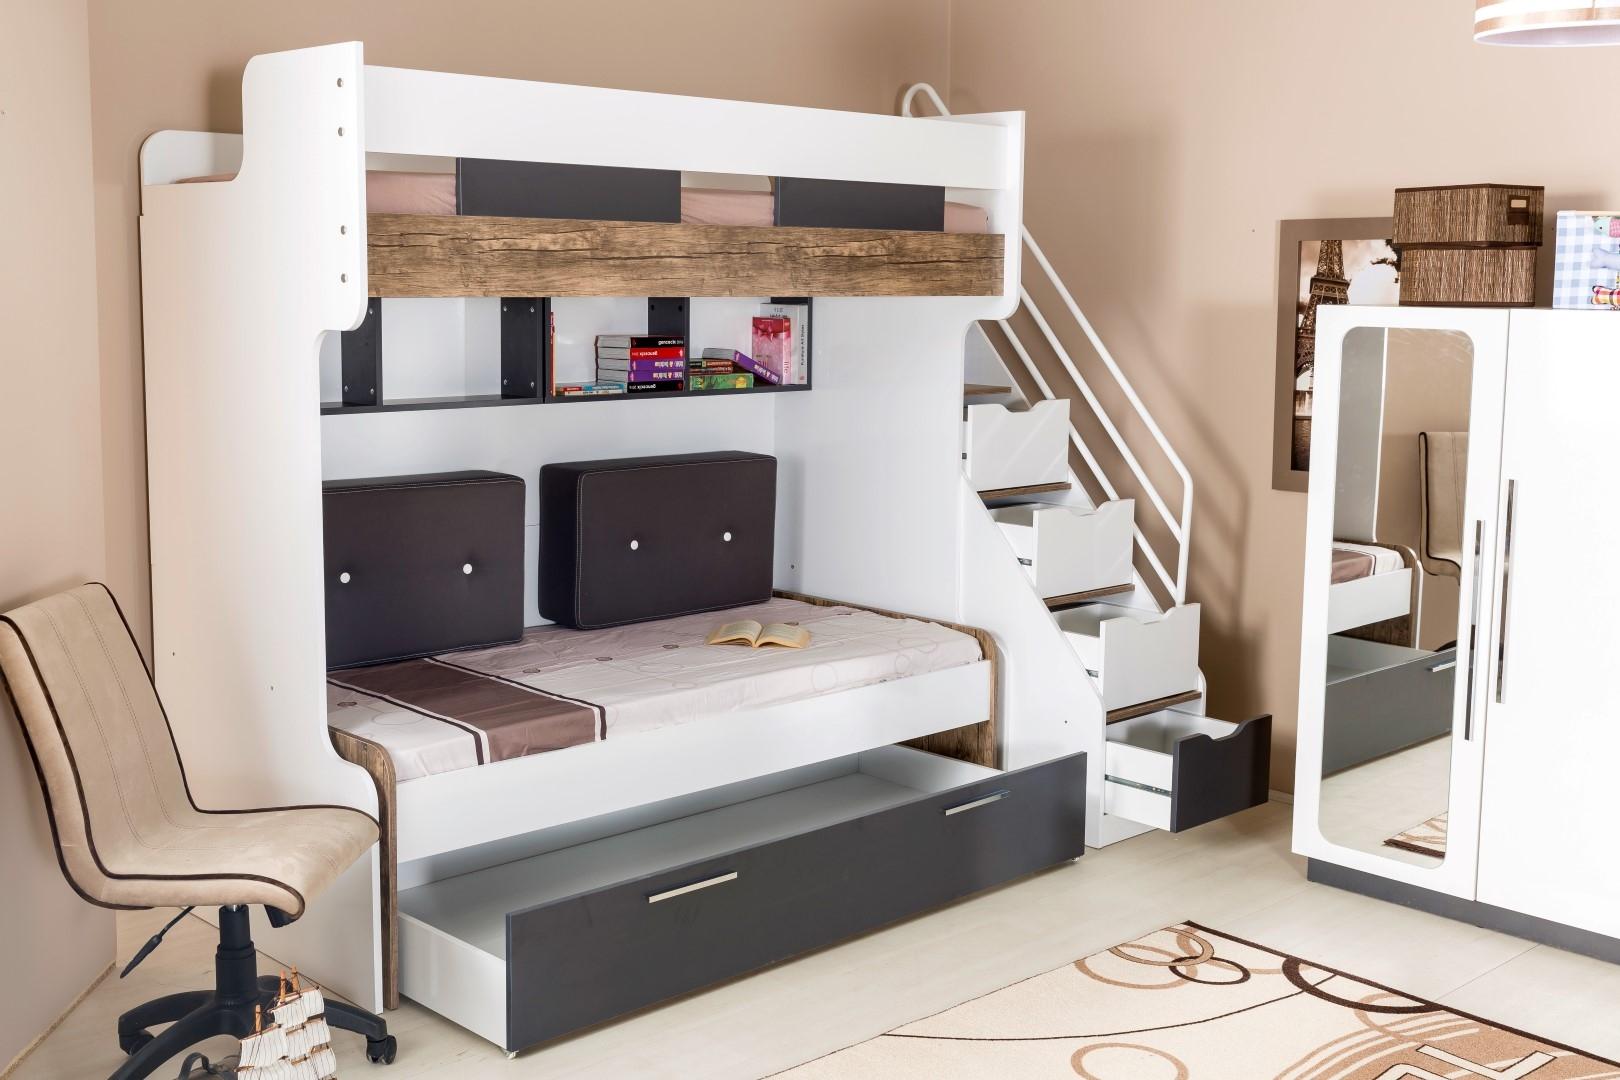 Compact_bed_hoogslaper_stapelbed_kinderkamer_tienerkamer_jongenskamer_ombouw_kast_1